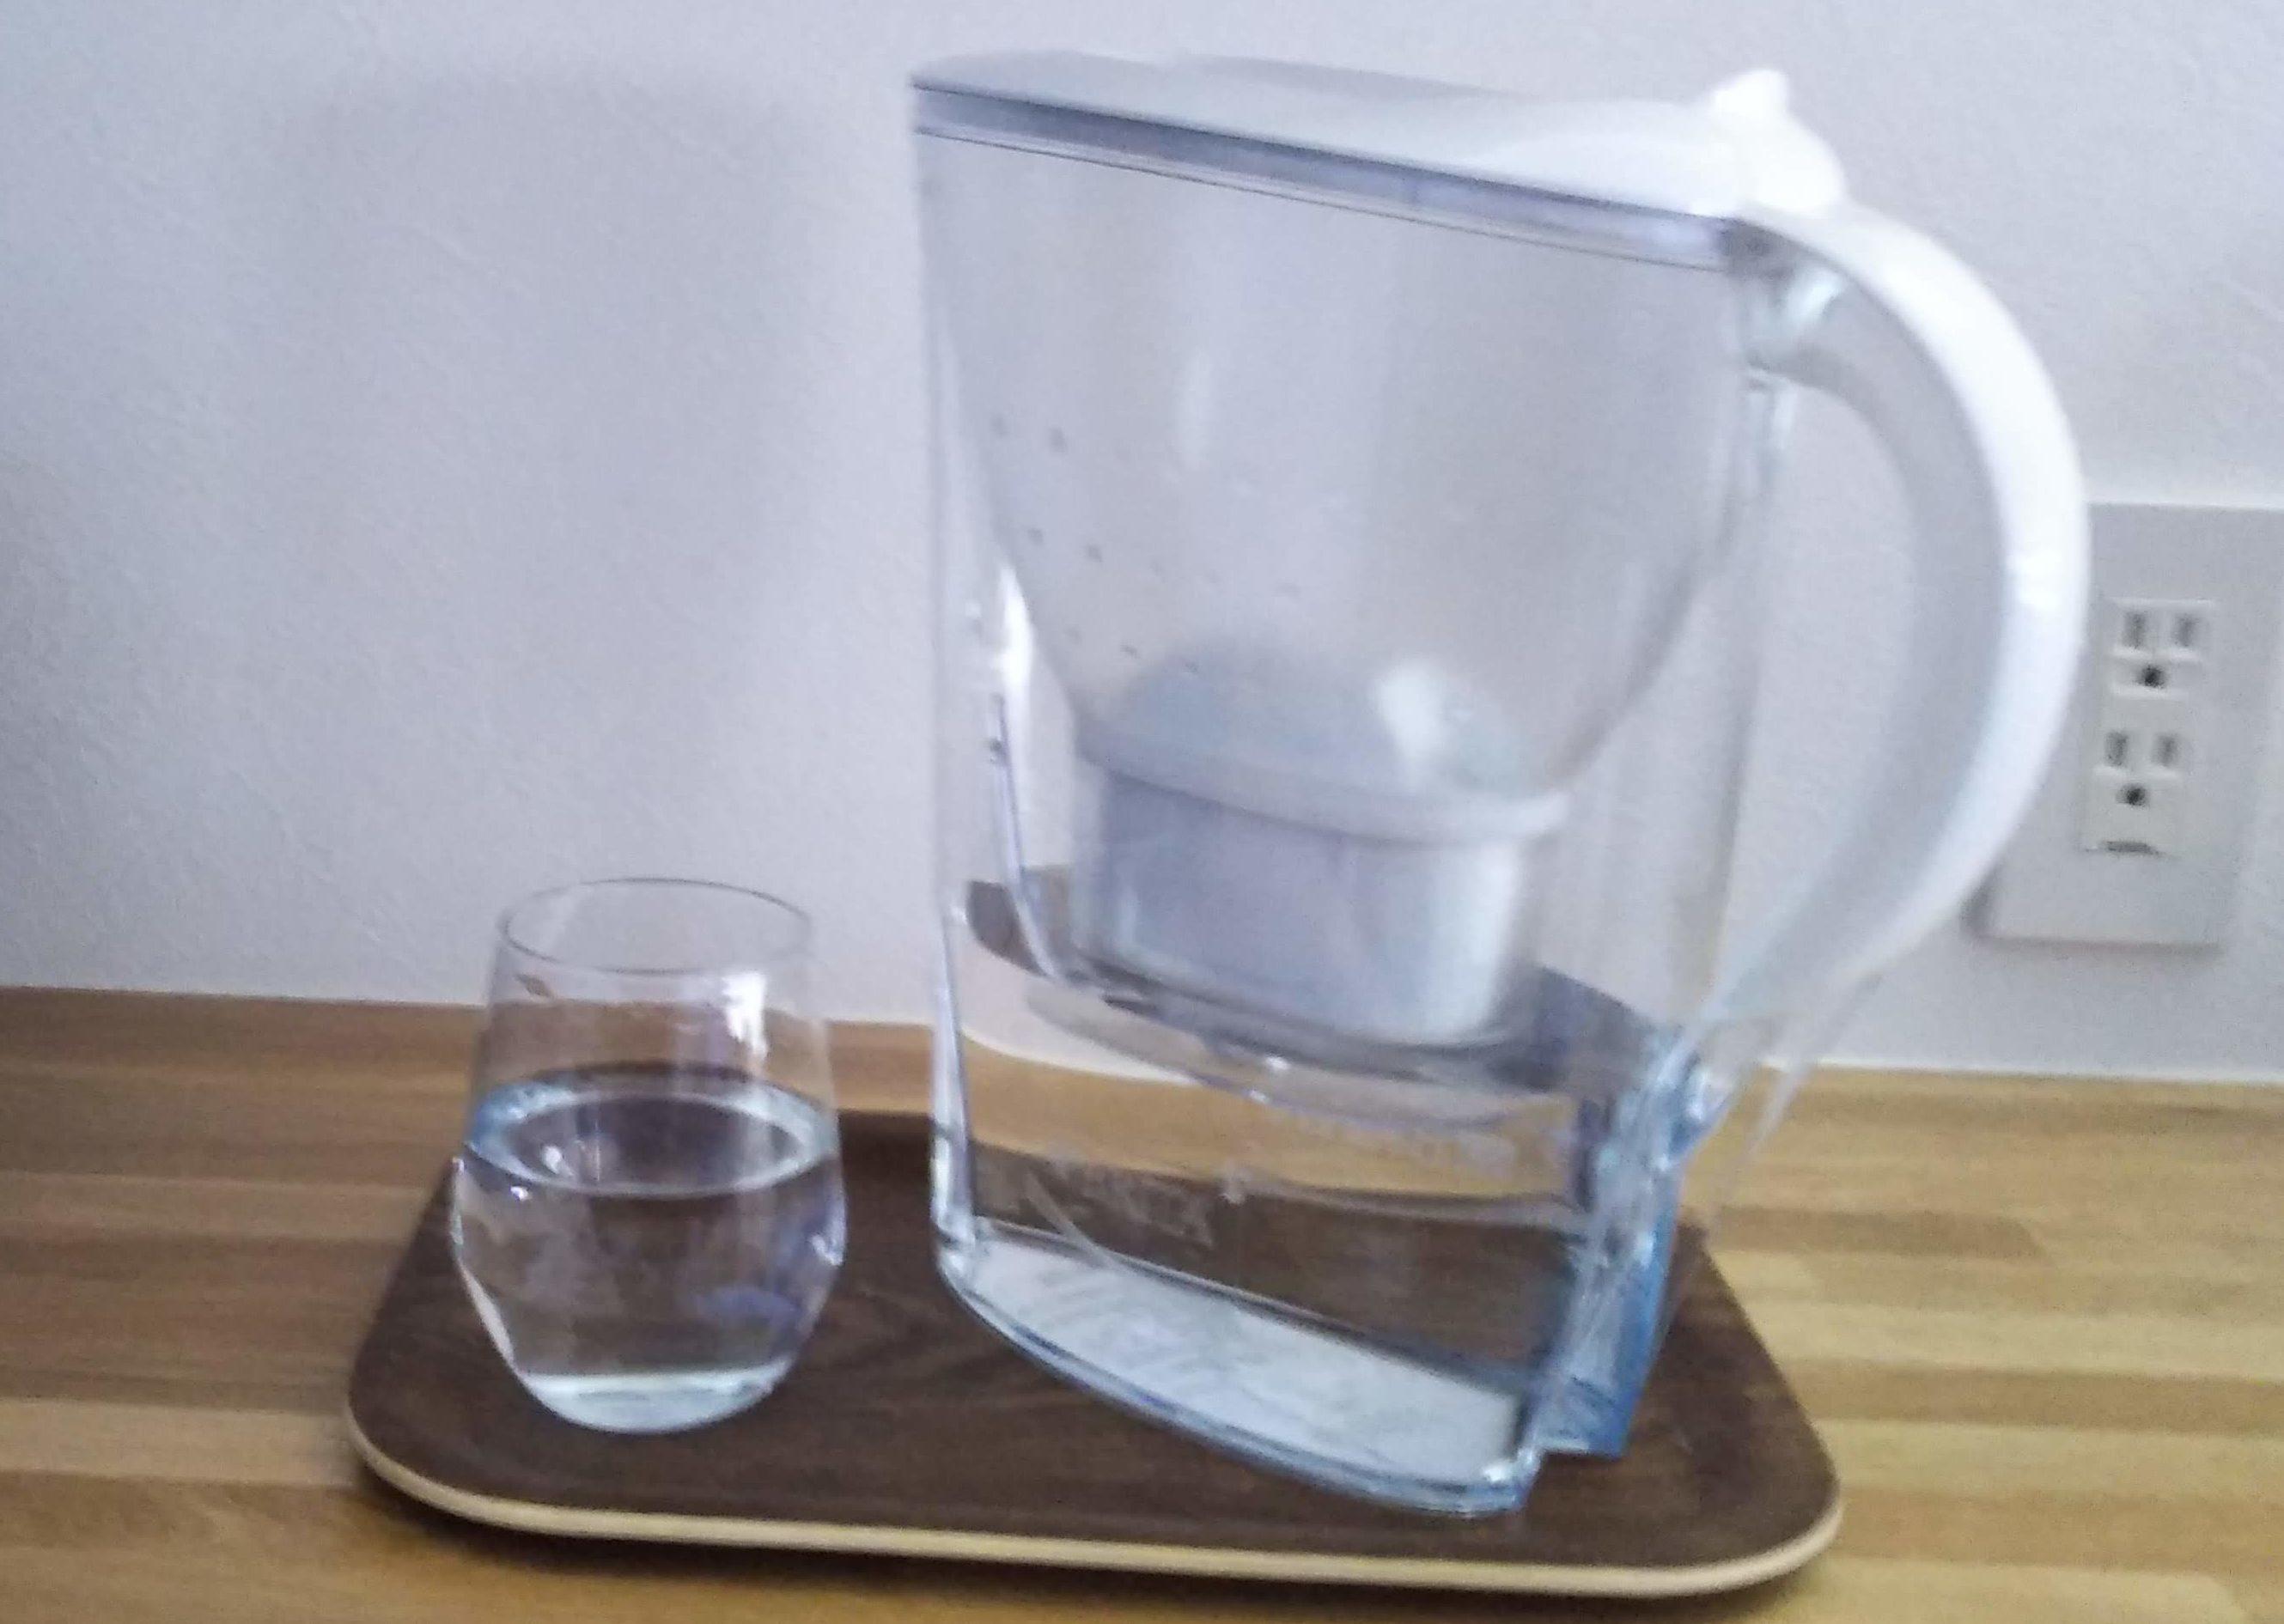 ブリタのマクストラプラスを使い始めたら毎日美味しいお水が飲めるようになって調子も出てきた